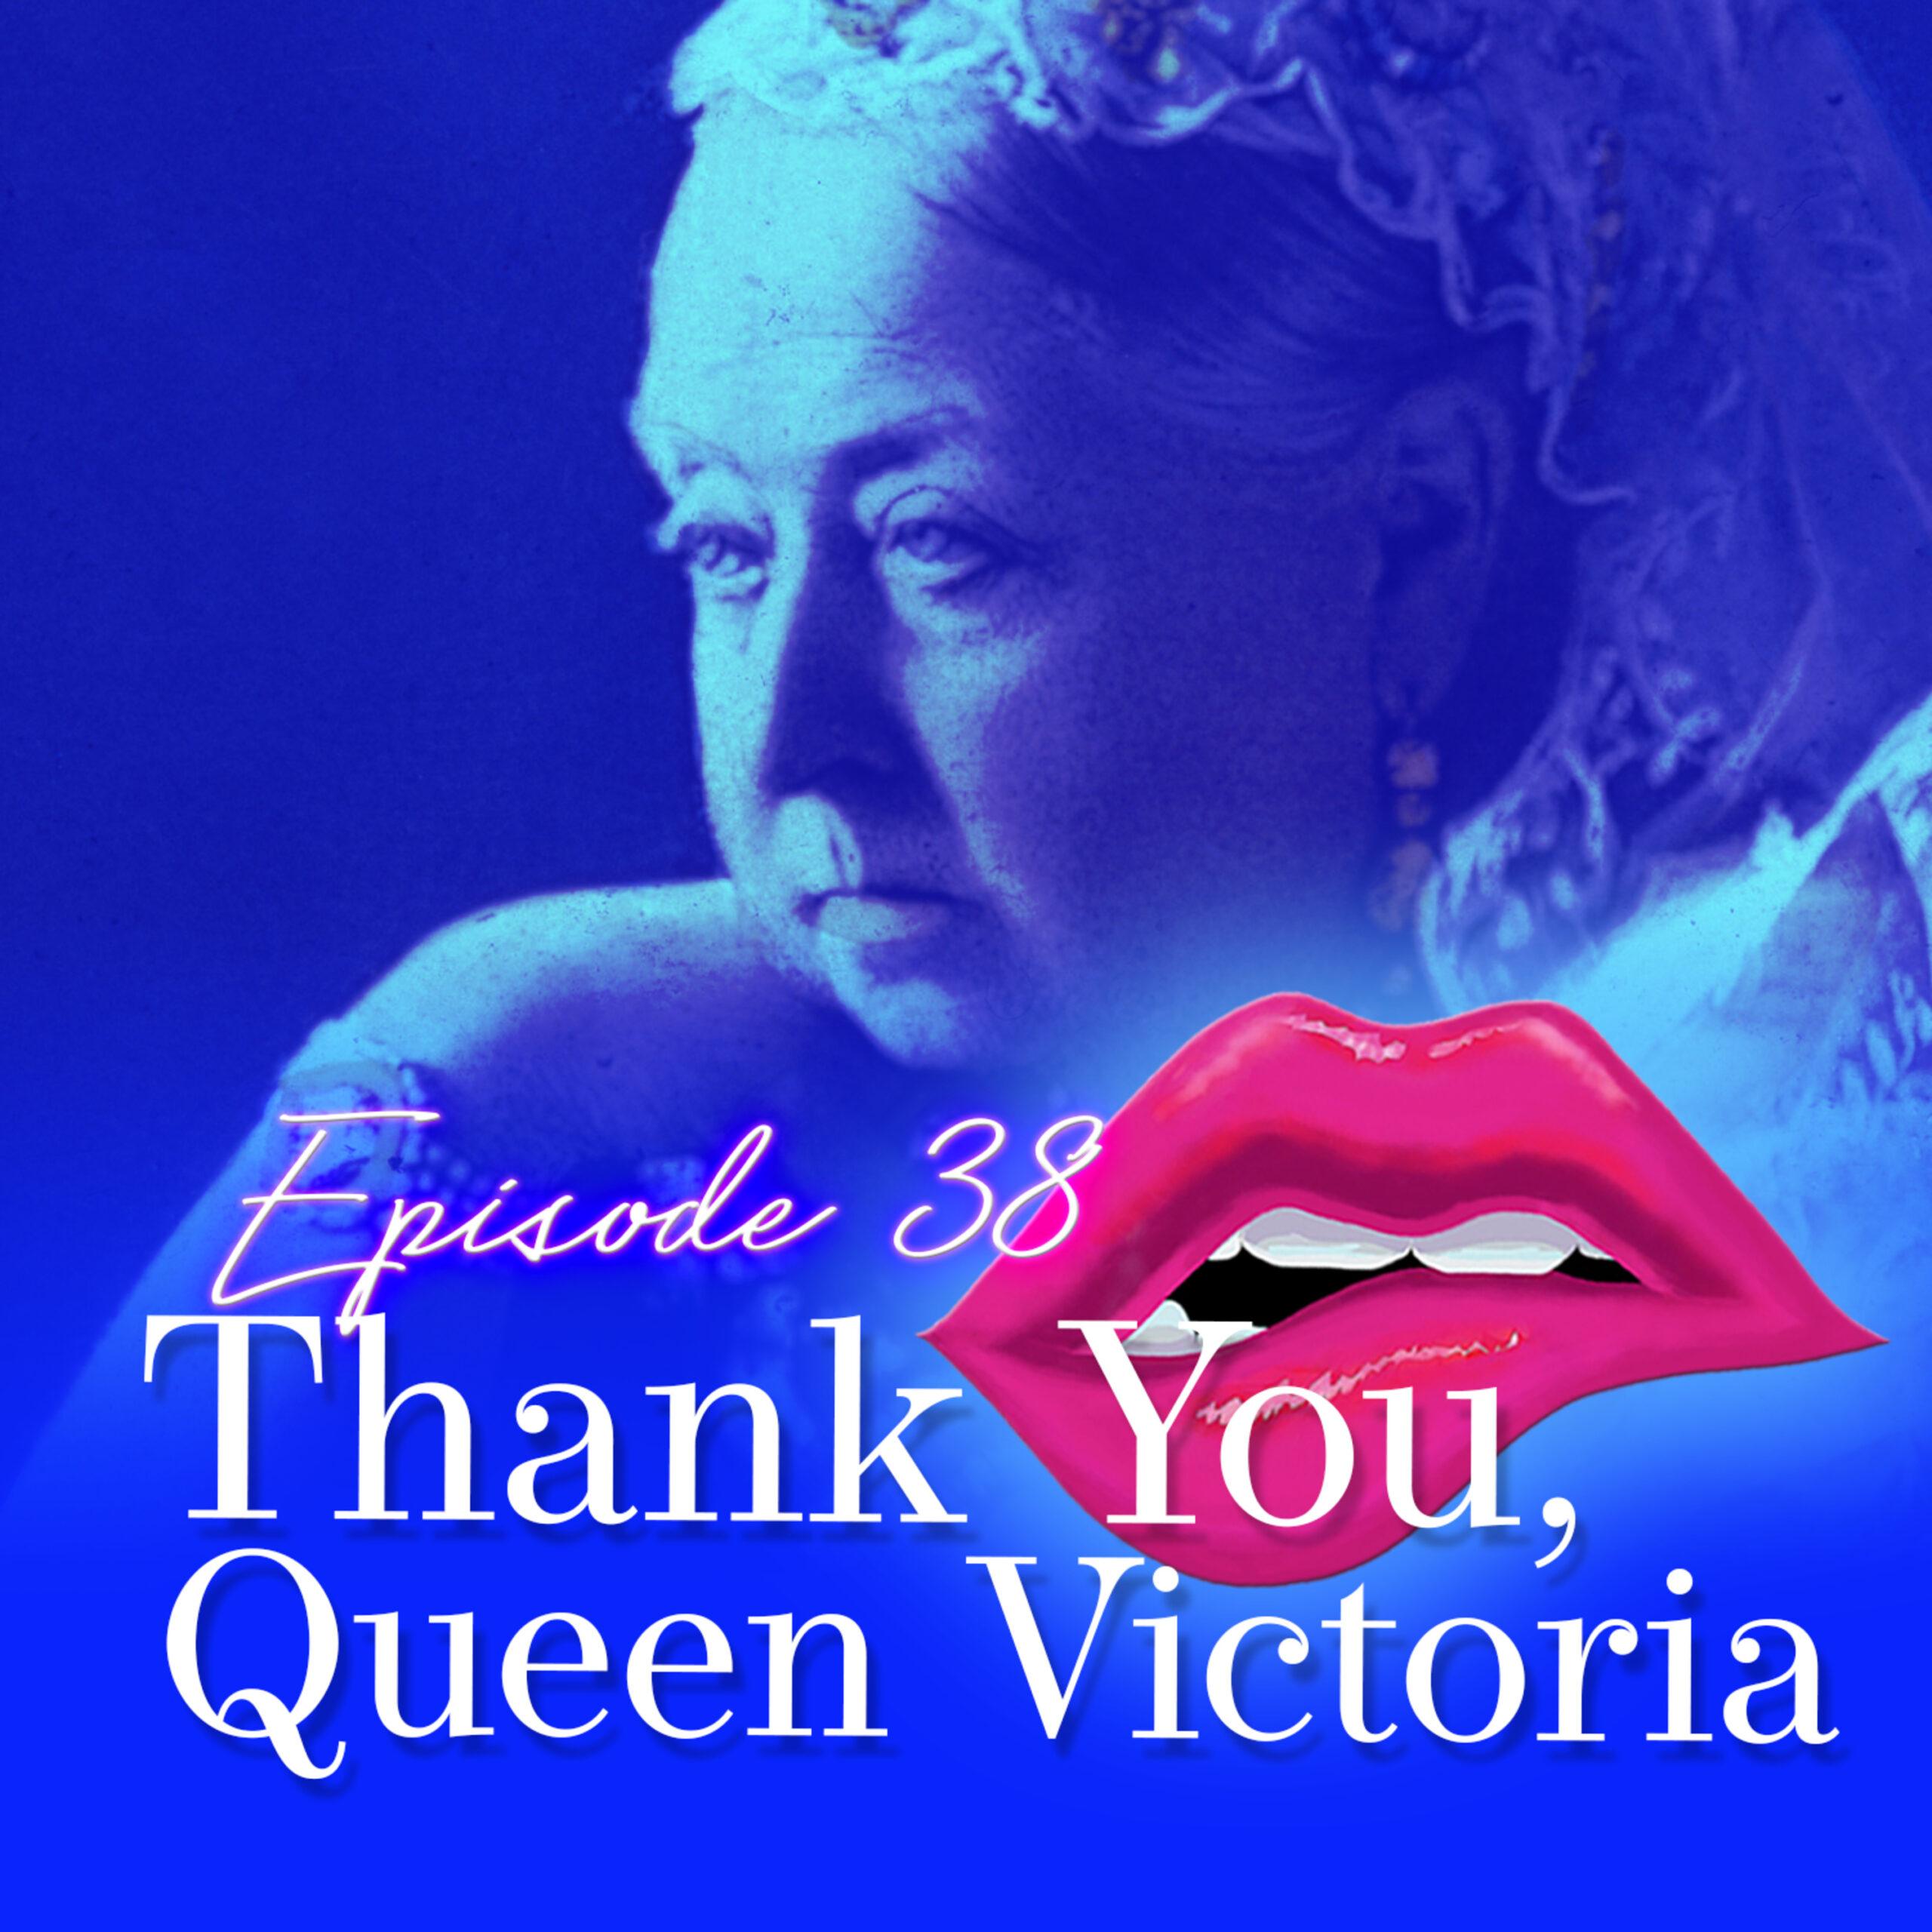 Episode 38: Thank You, Queen Victoria